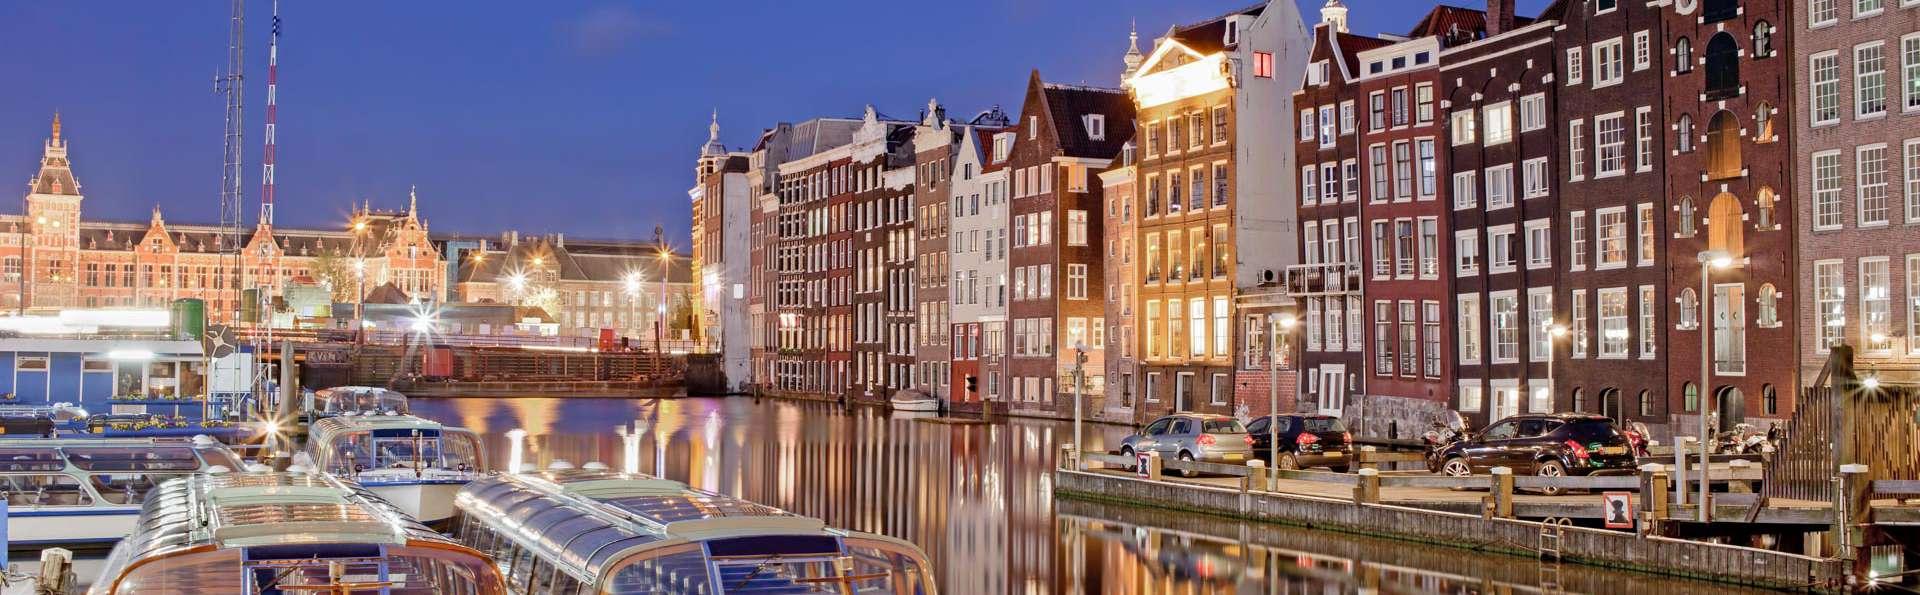 Novotel Amsterdam City - EDIT_AMSTERDAM_02.jpg